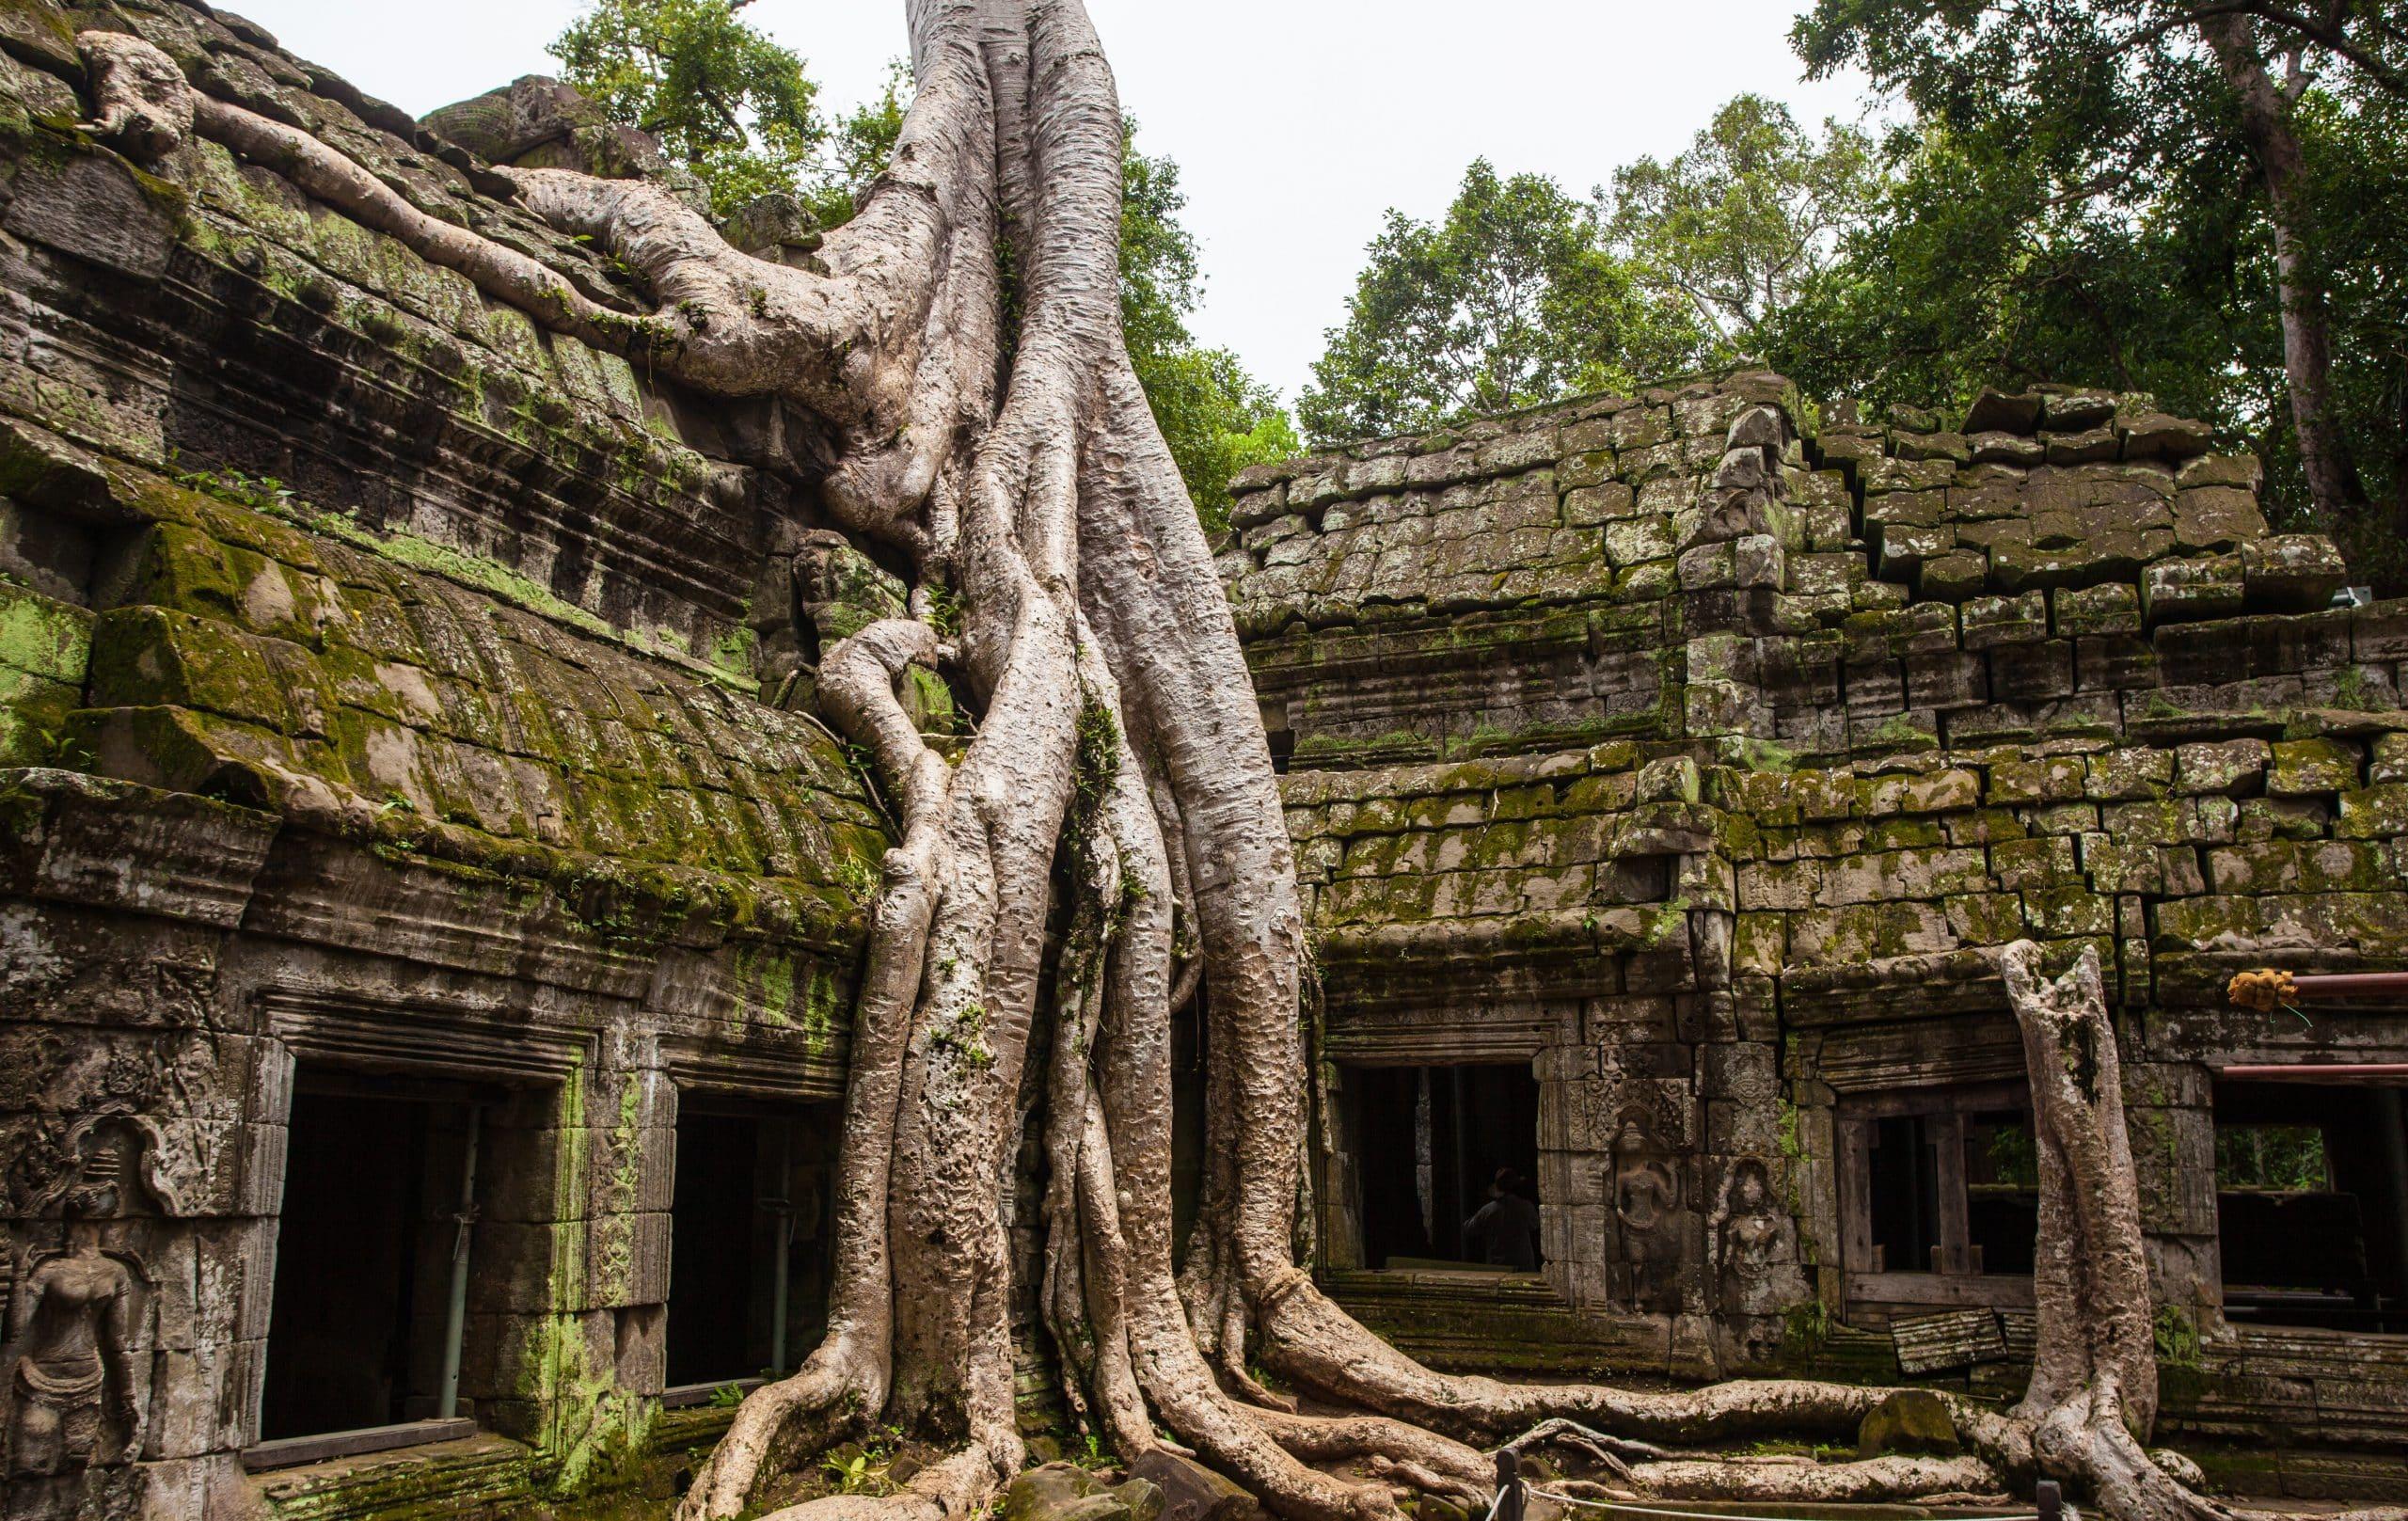 Volontariato per universitari in Cambogia per l'educazione ambientale